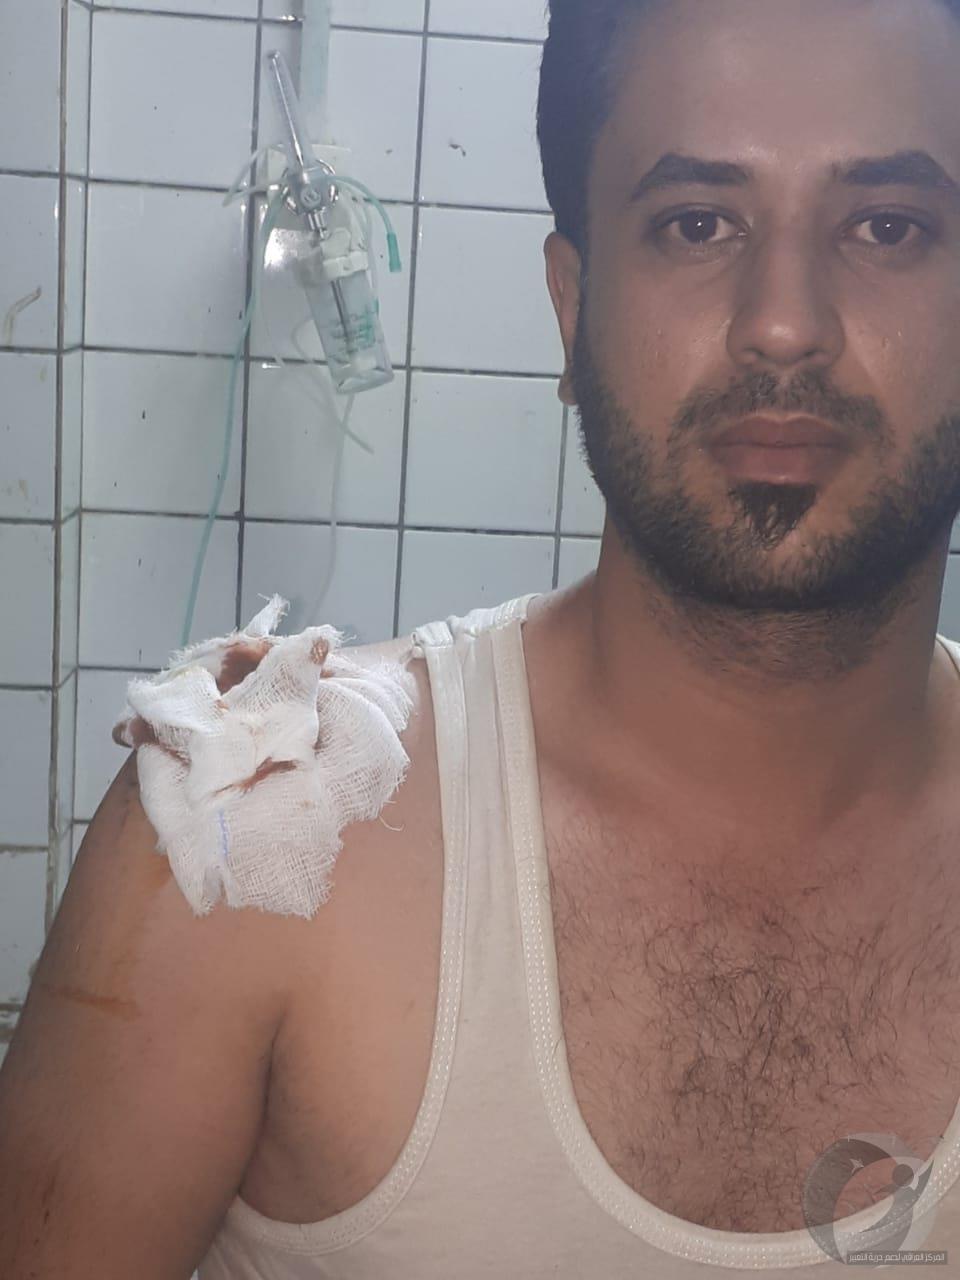 حقوق  يدين محاولة إغتيال مقدم برامج تلفزيونية جنوب بابل ويطالب الداخلية بالتدخل